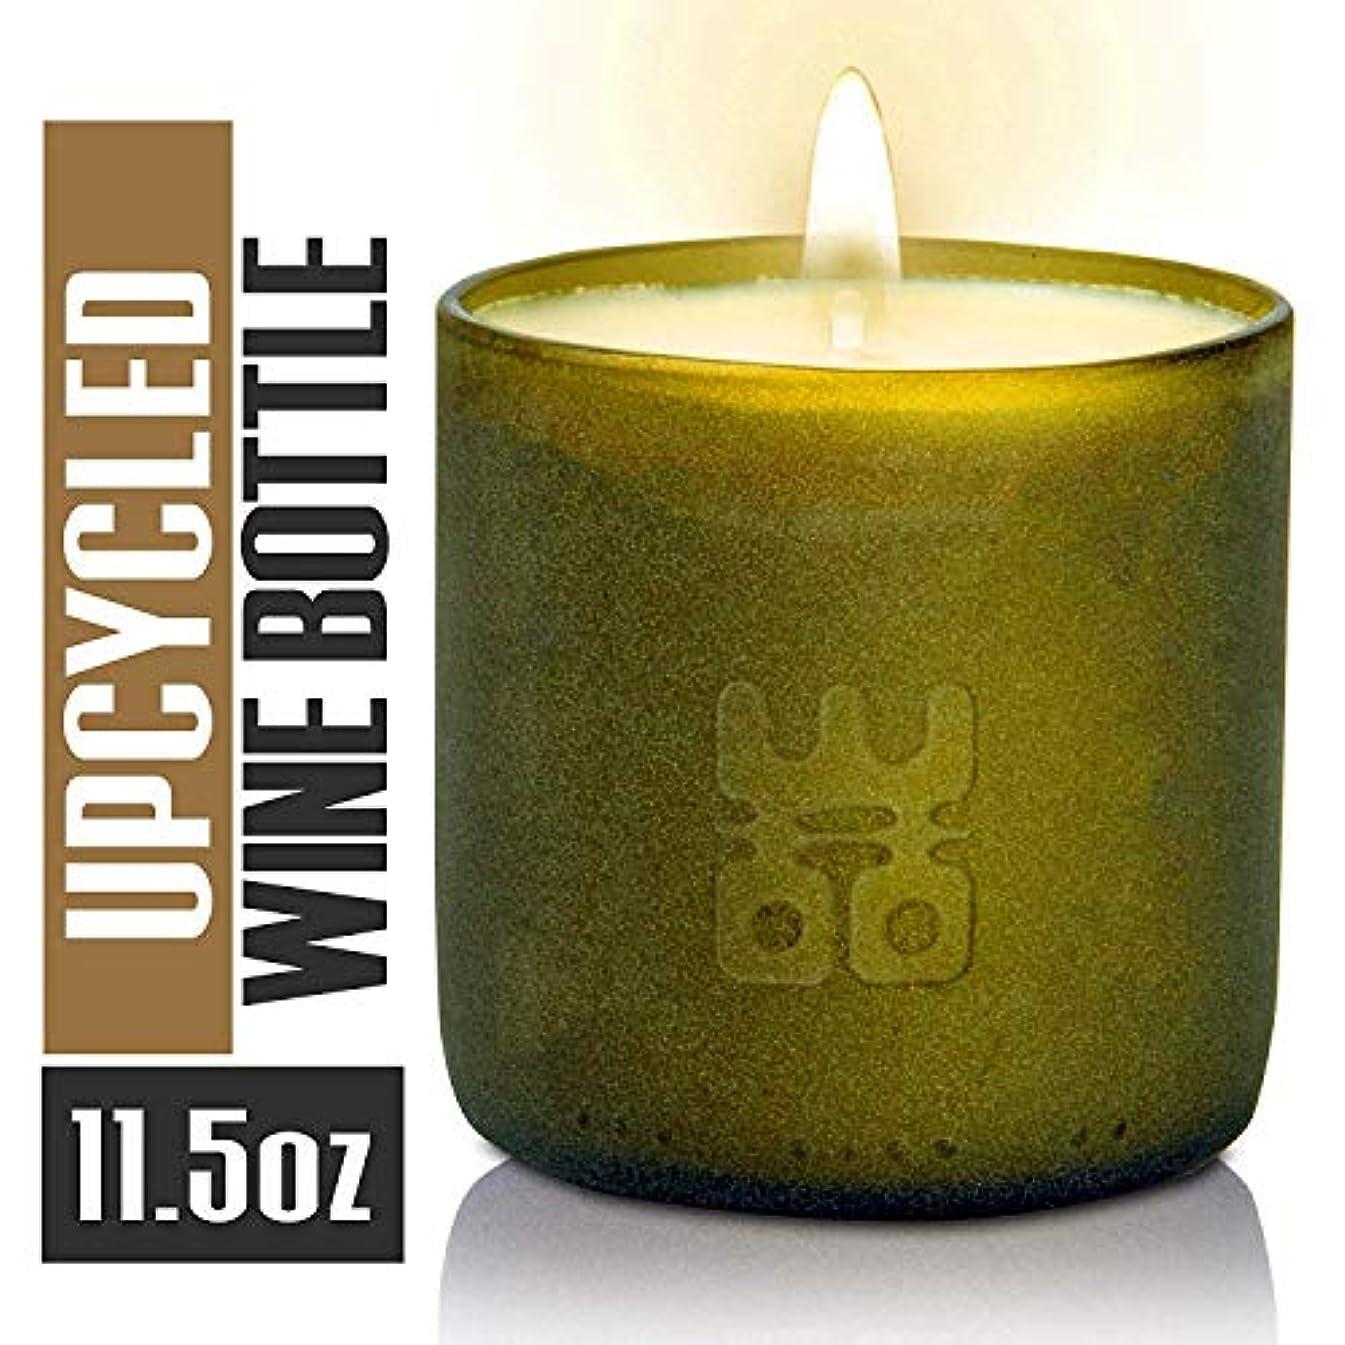 滴下少し学習者Woo Worldsの機会Lucky Candle Upcycledワインボトル L- 6oz